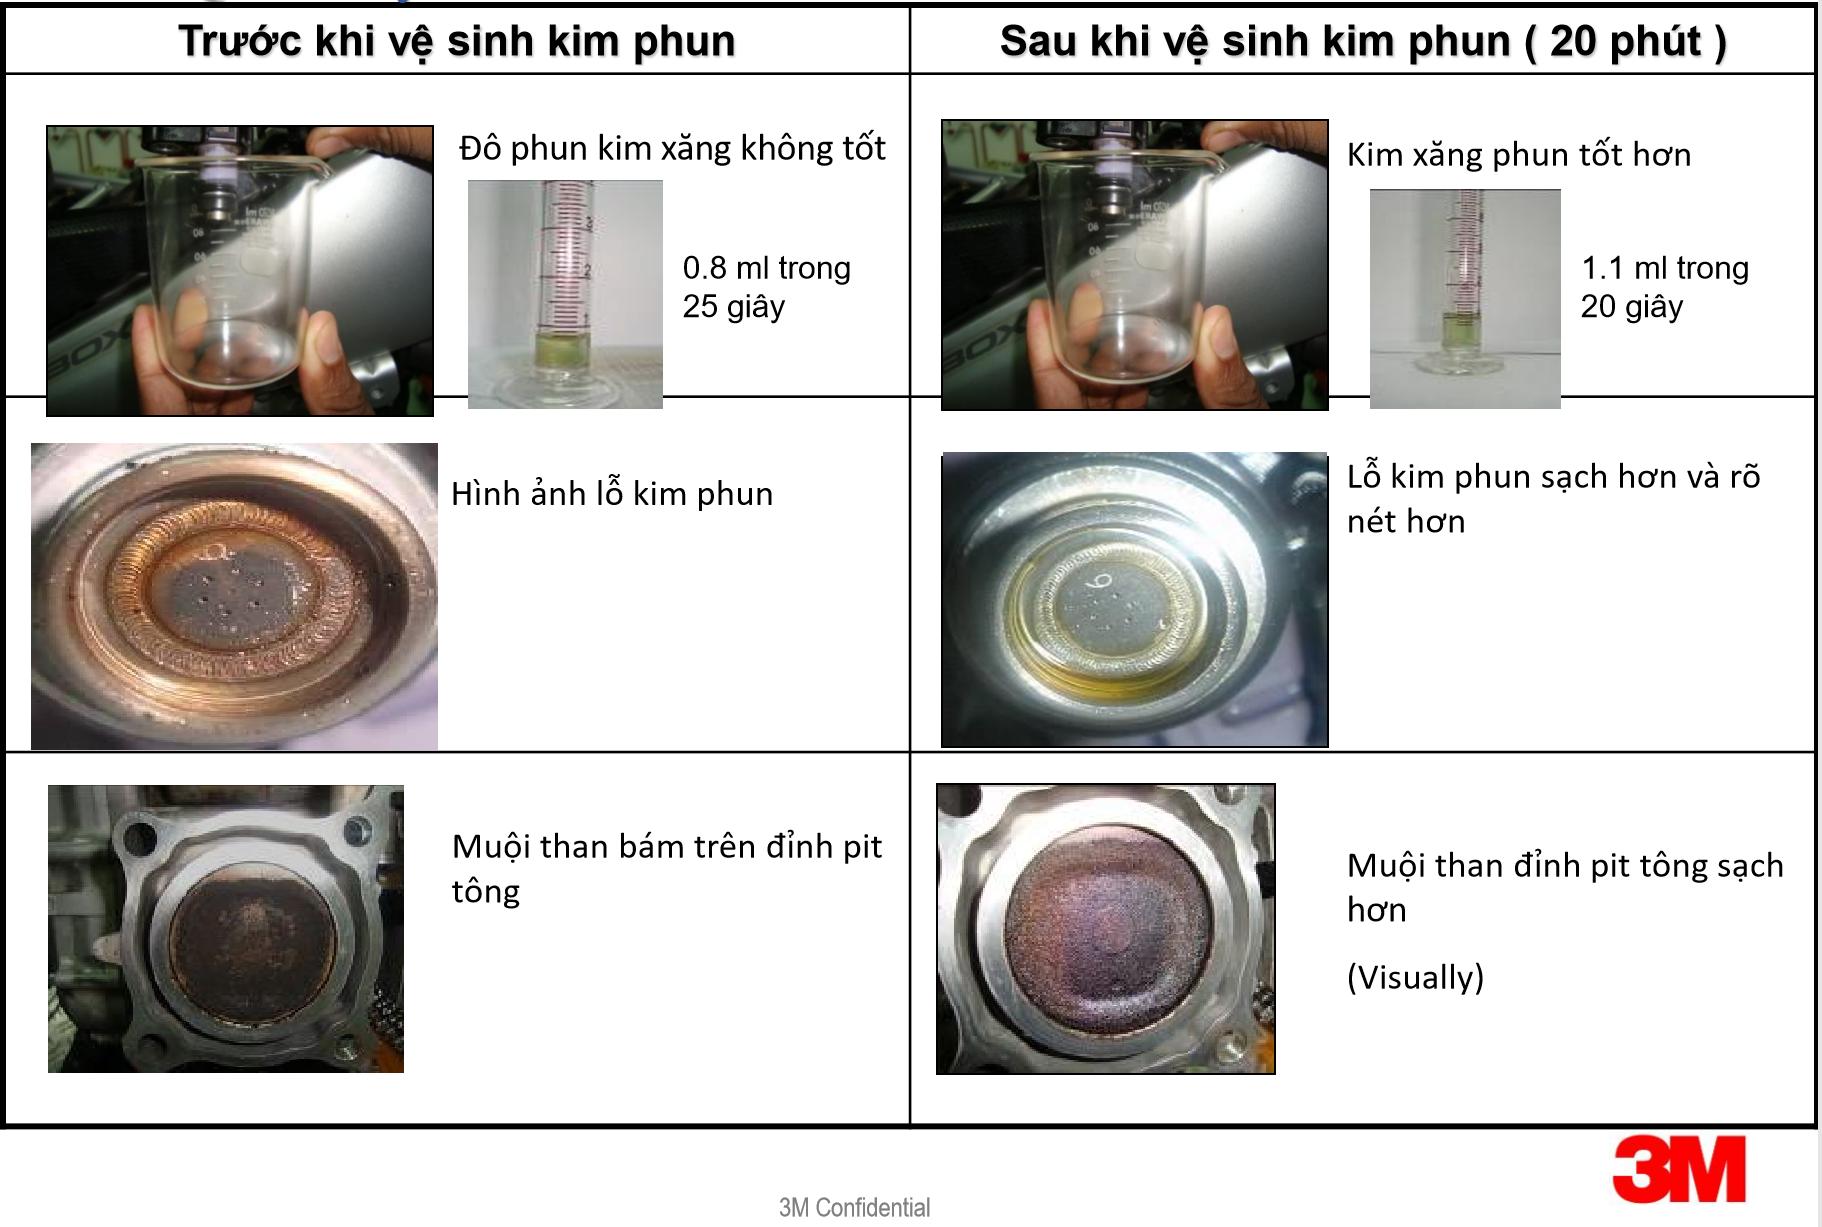 Trước và sau khi vệ sinh kim phun 2